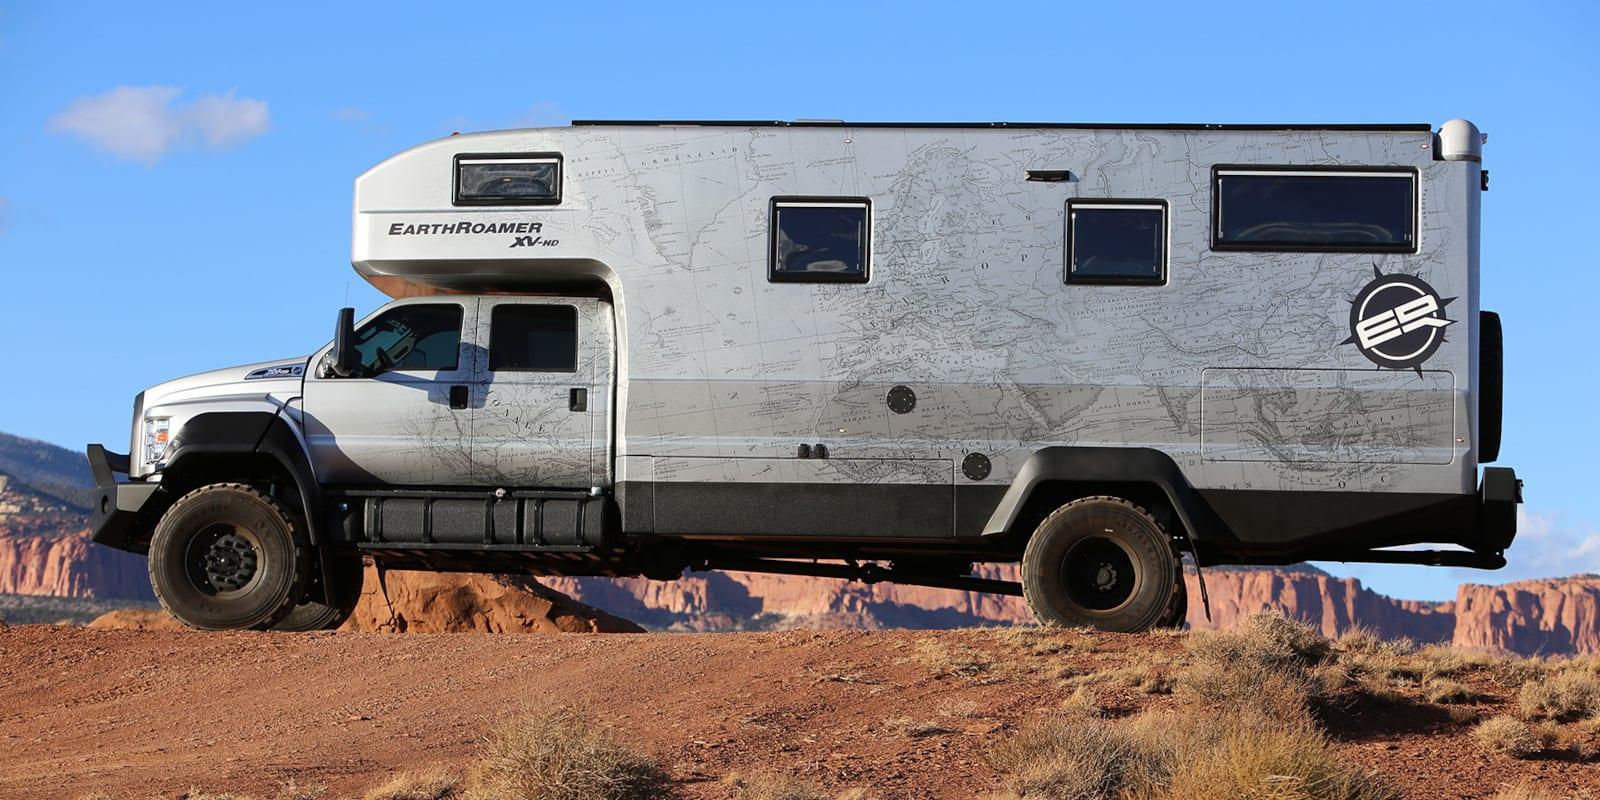 Image of the EarthRoamer XV-HD in the desert